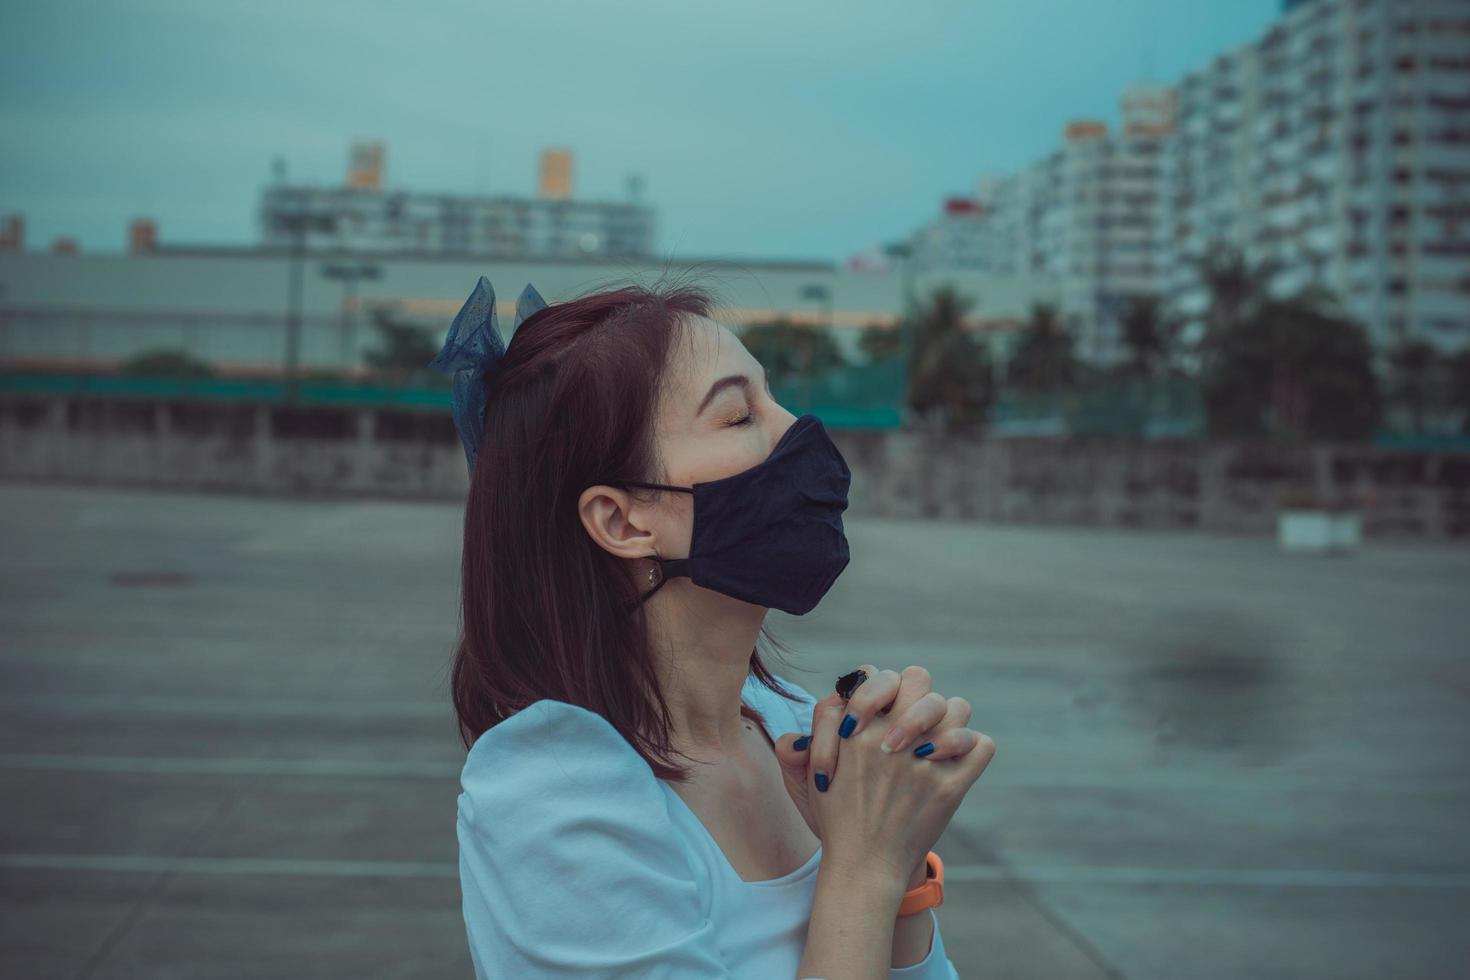 mooie vrouw met handen bidden tot god voor mensen in de stad foto